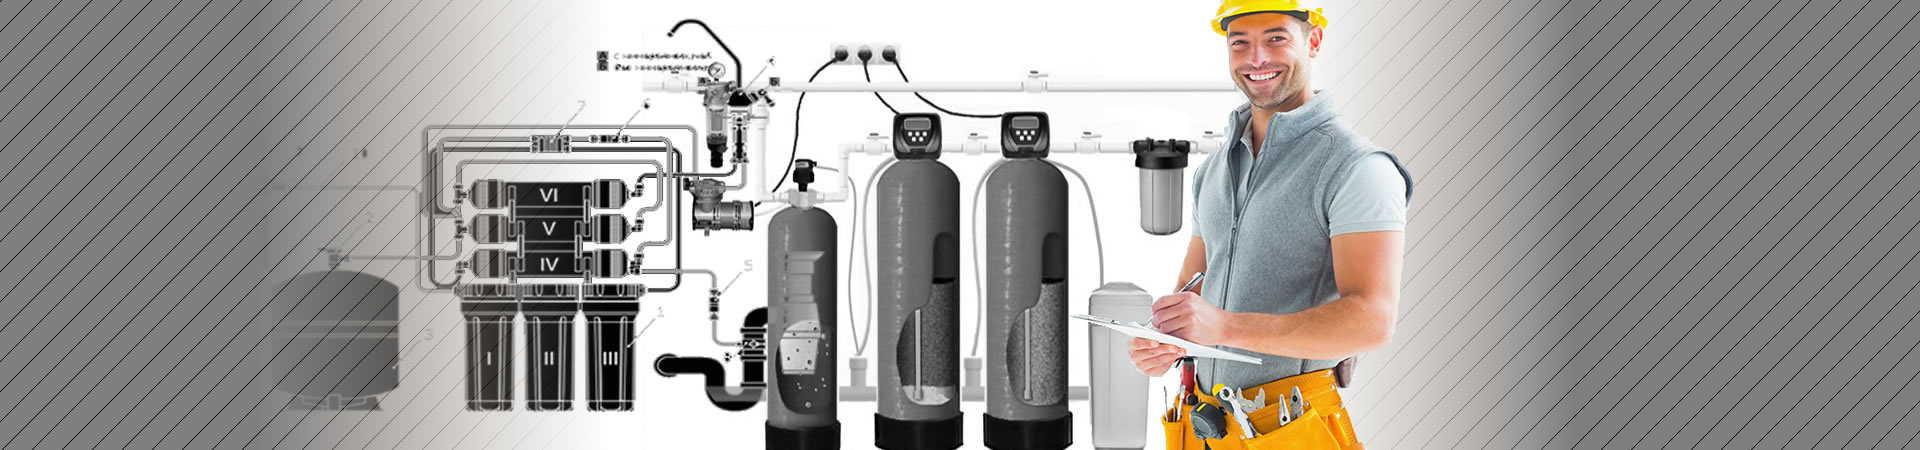 Системы очистки воды для дома.